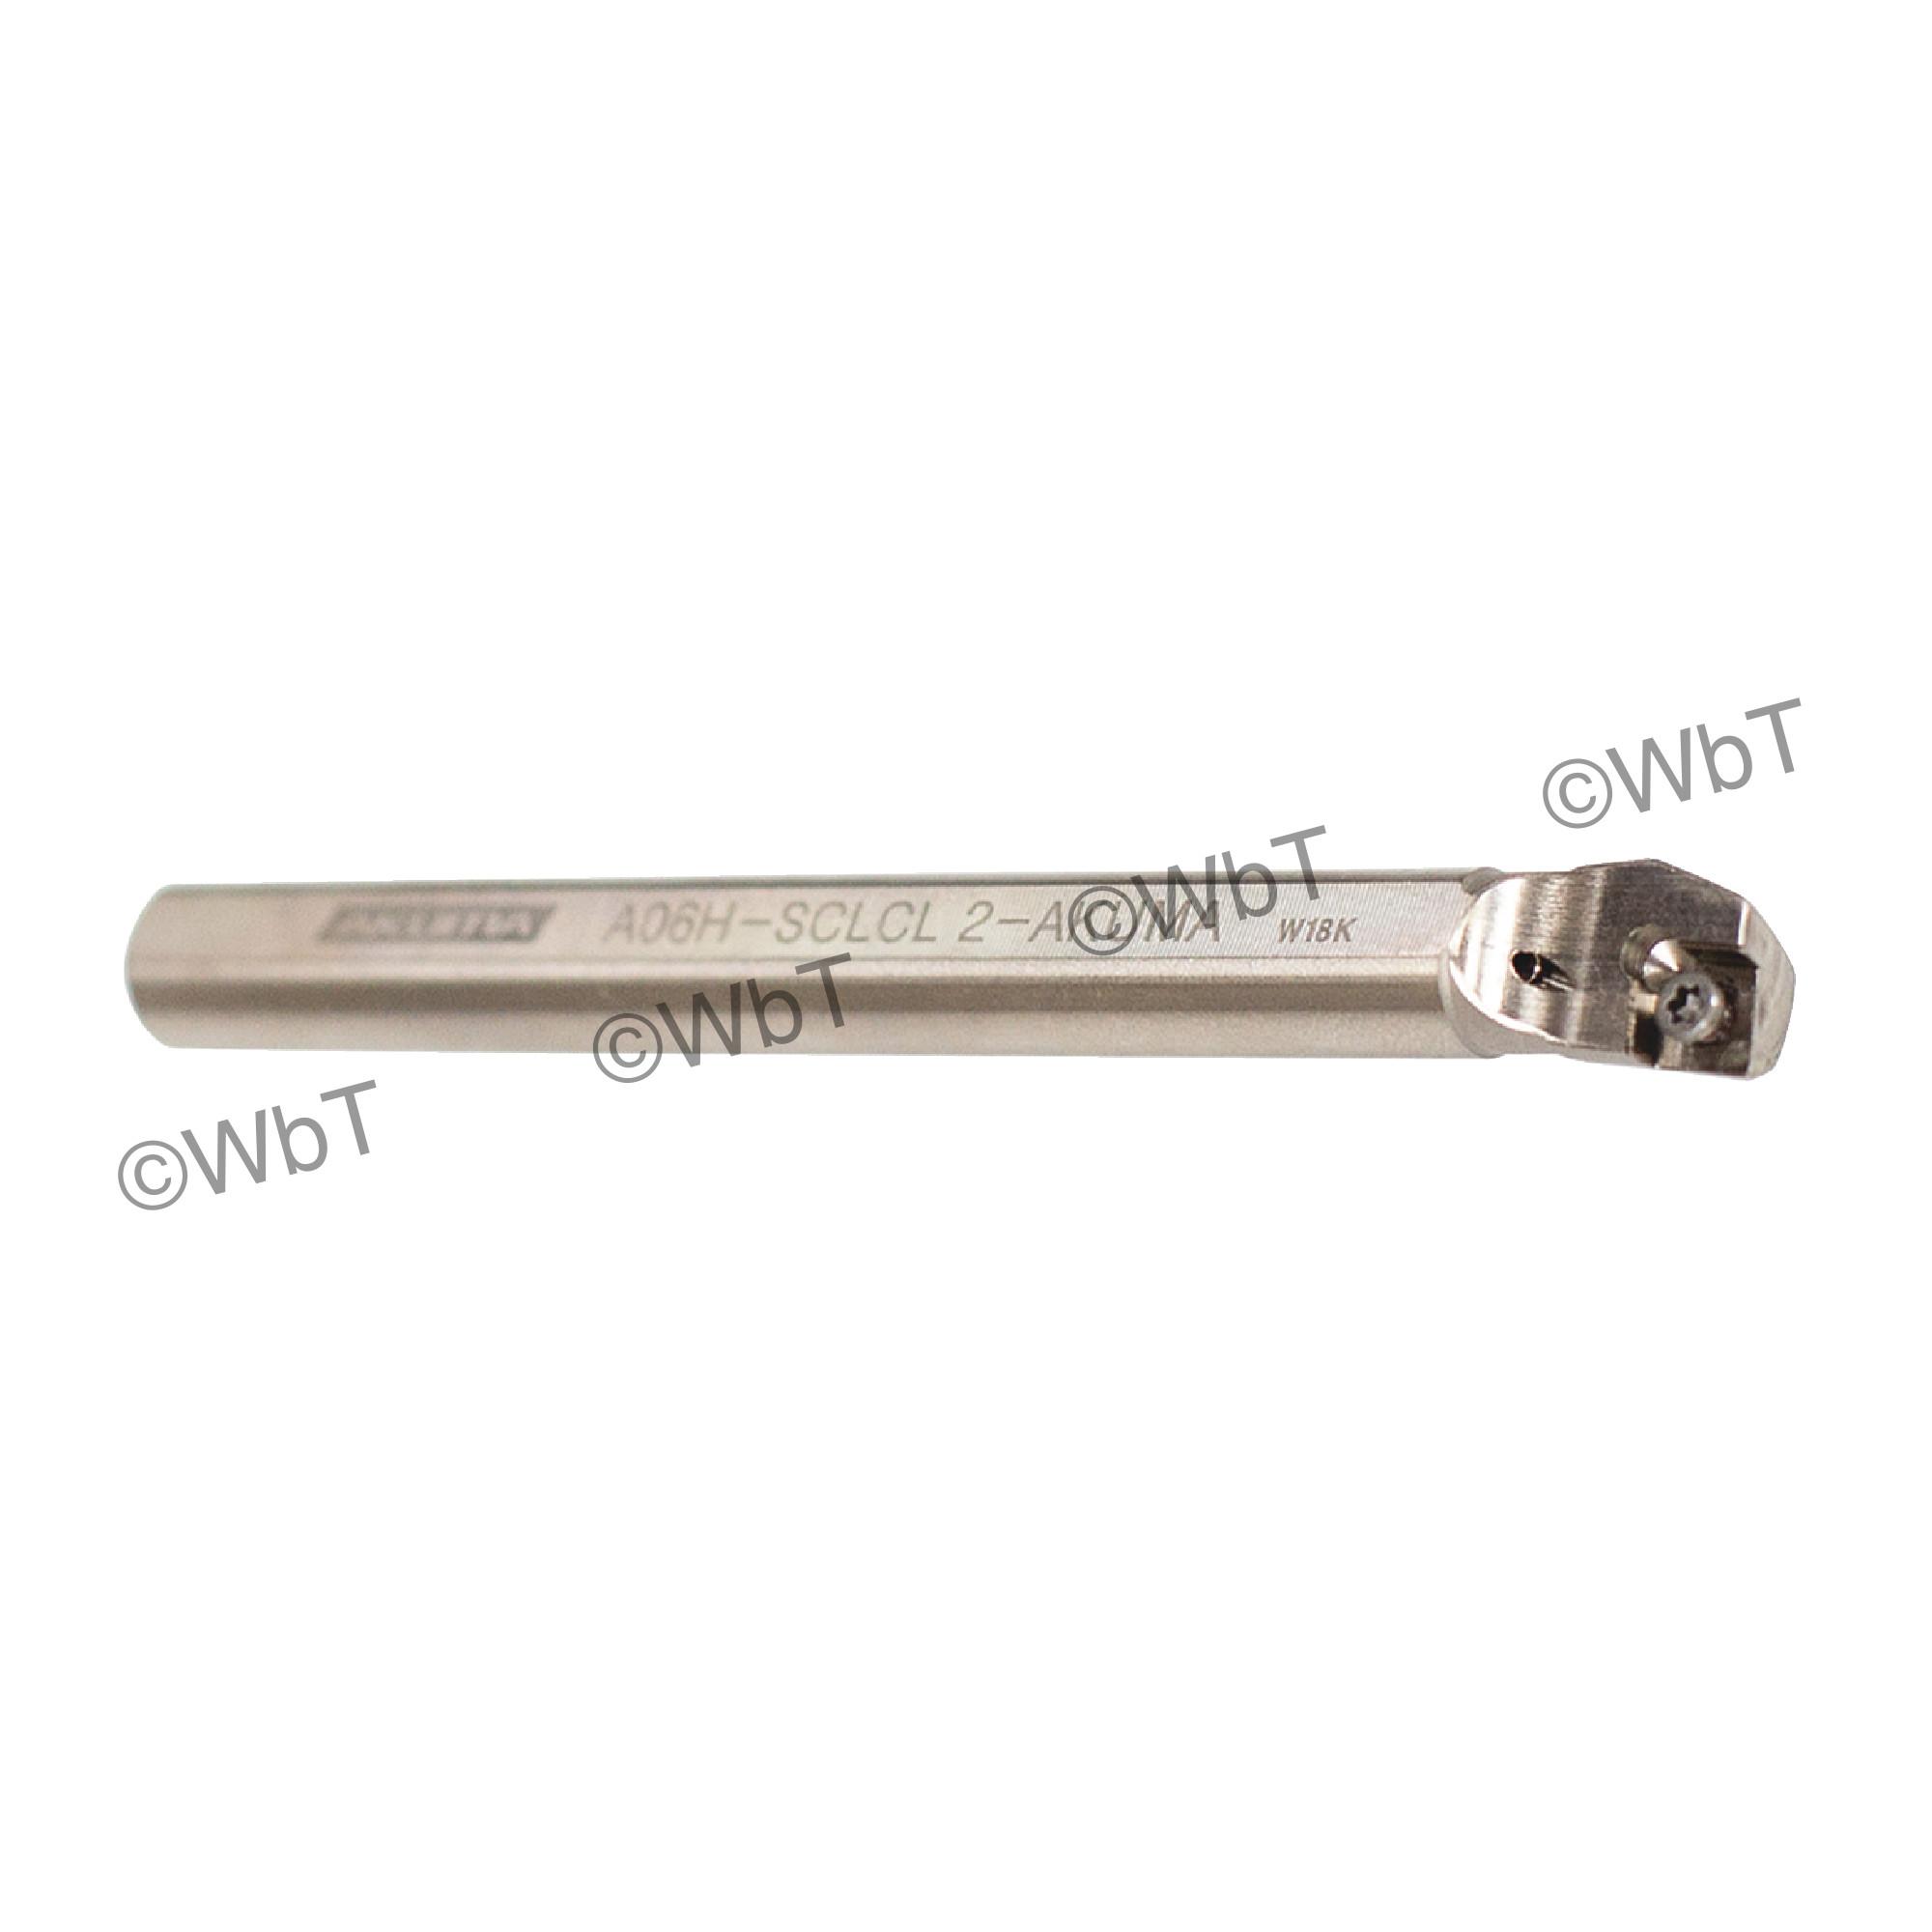 """AKUMA - A06H-SCLCL-2 / Steel Boring Bar / 3/8"""" Shank / CCMT2(1.5)_ / Cooalnt Thru / Left Hand"""